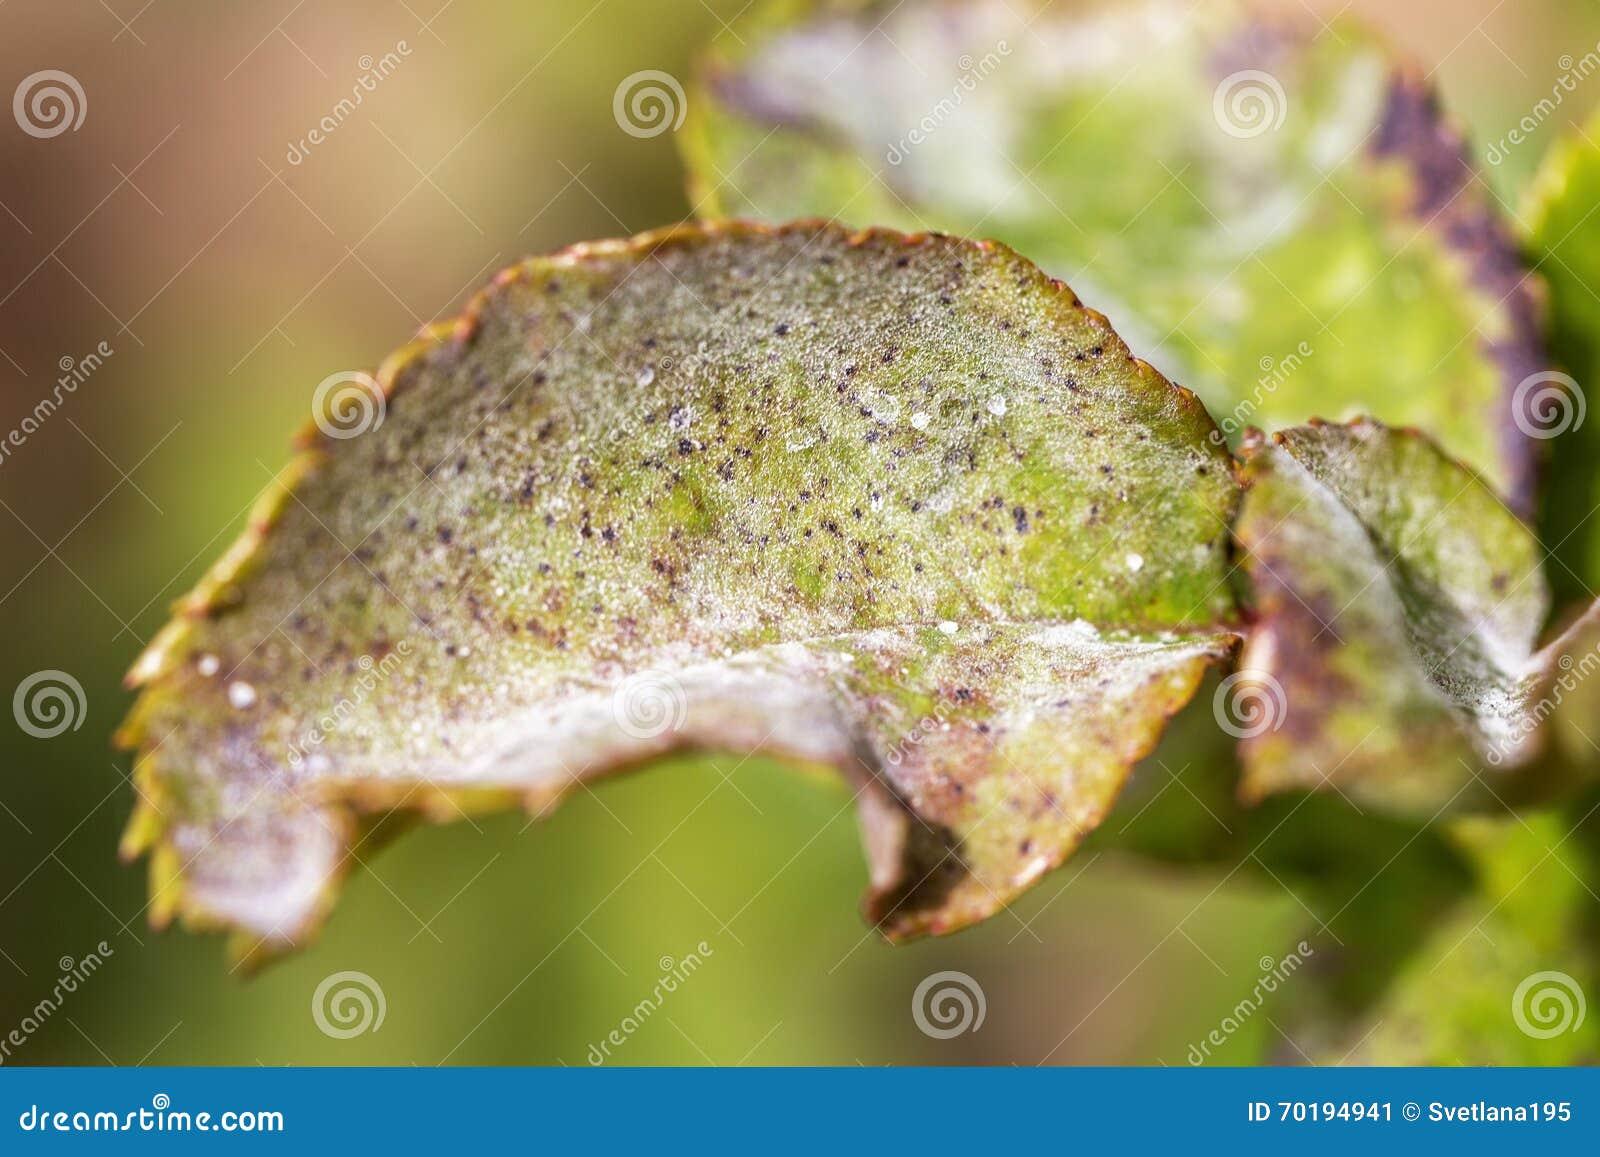 parasites maladies des plantes plan rapproch de rouille pulv rulente photo stock image 70194941. Black Bedroom Furniture Sets. Home Design Ideas